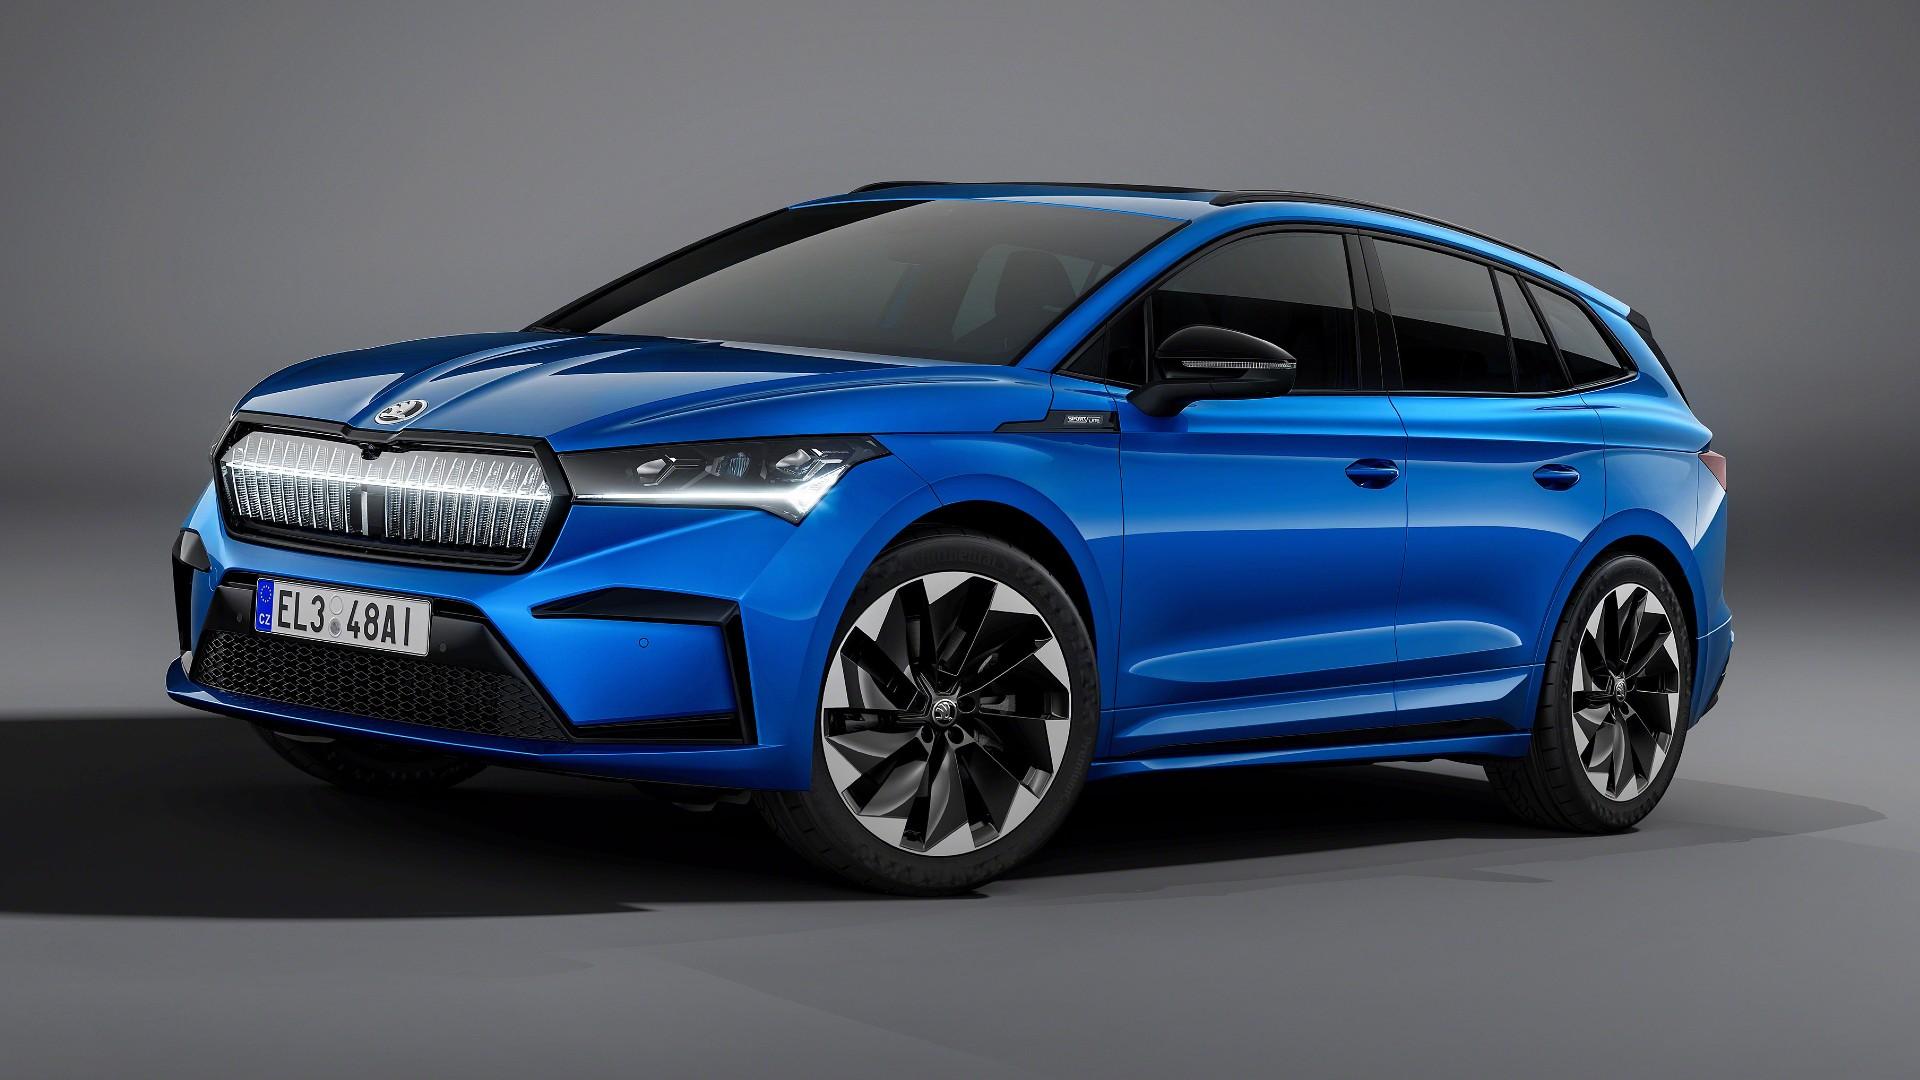 Skoda Enyaq iV Sportline: Και σπορ έκδοση για το νέο ηλεκτρικό SUV [pics]